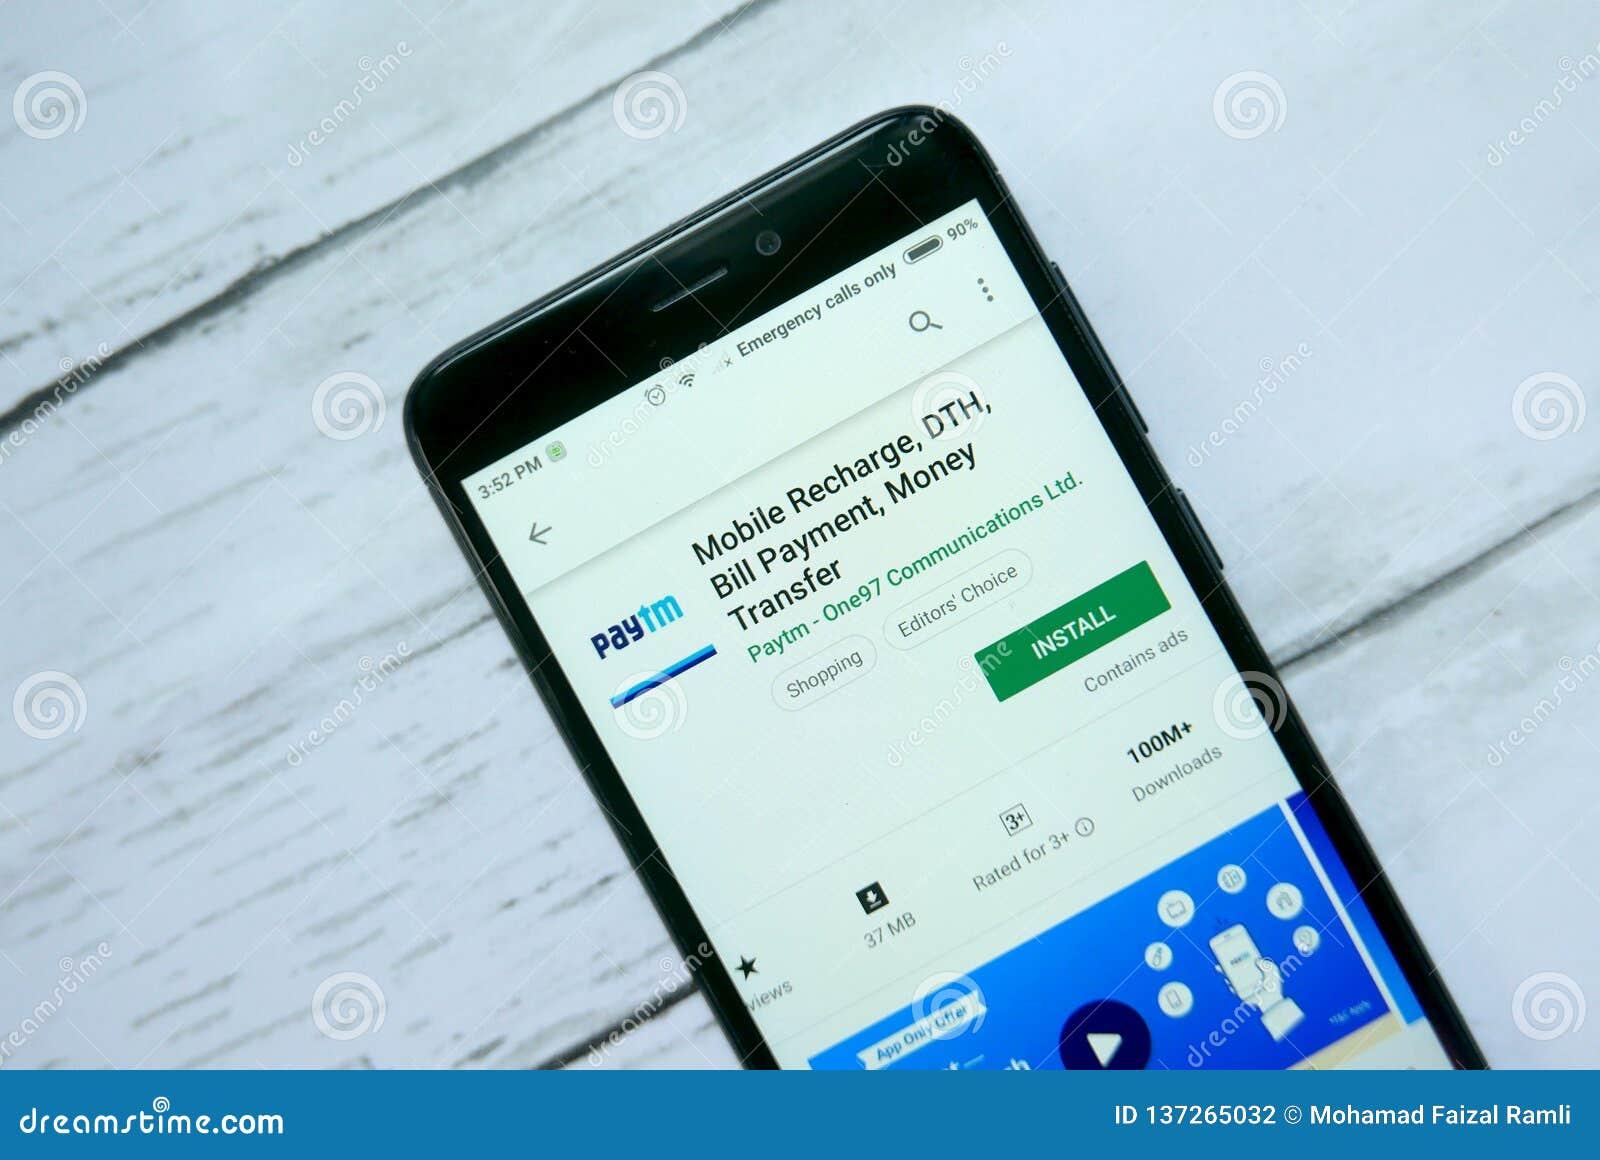 BANDAR SERI BEGAWAN,BRUNEI - JANUARY 21ST,2019 : Paytm Mobile